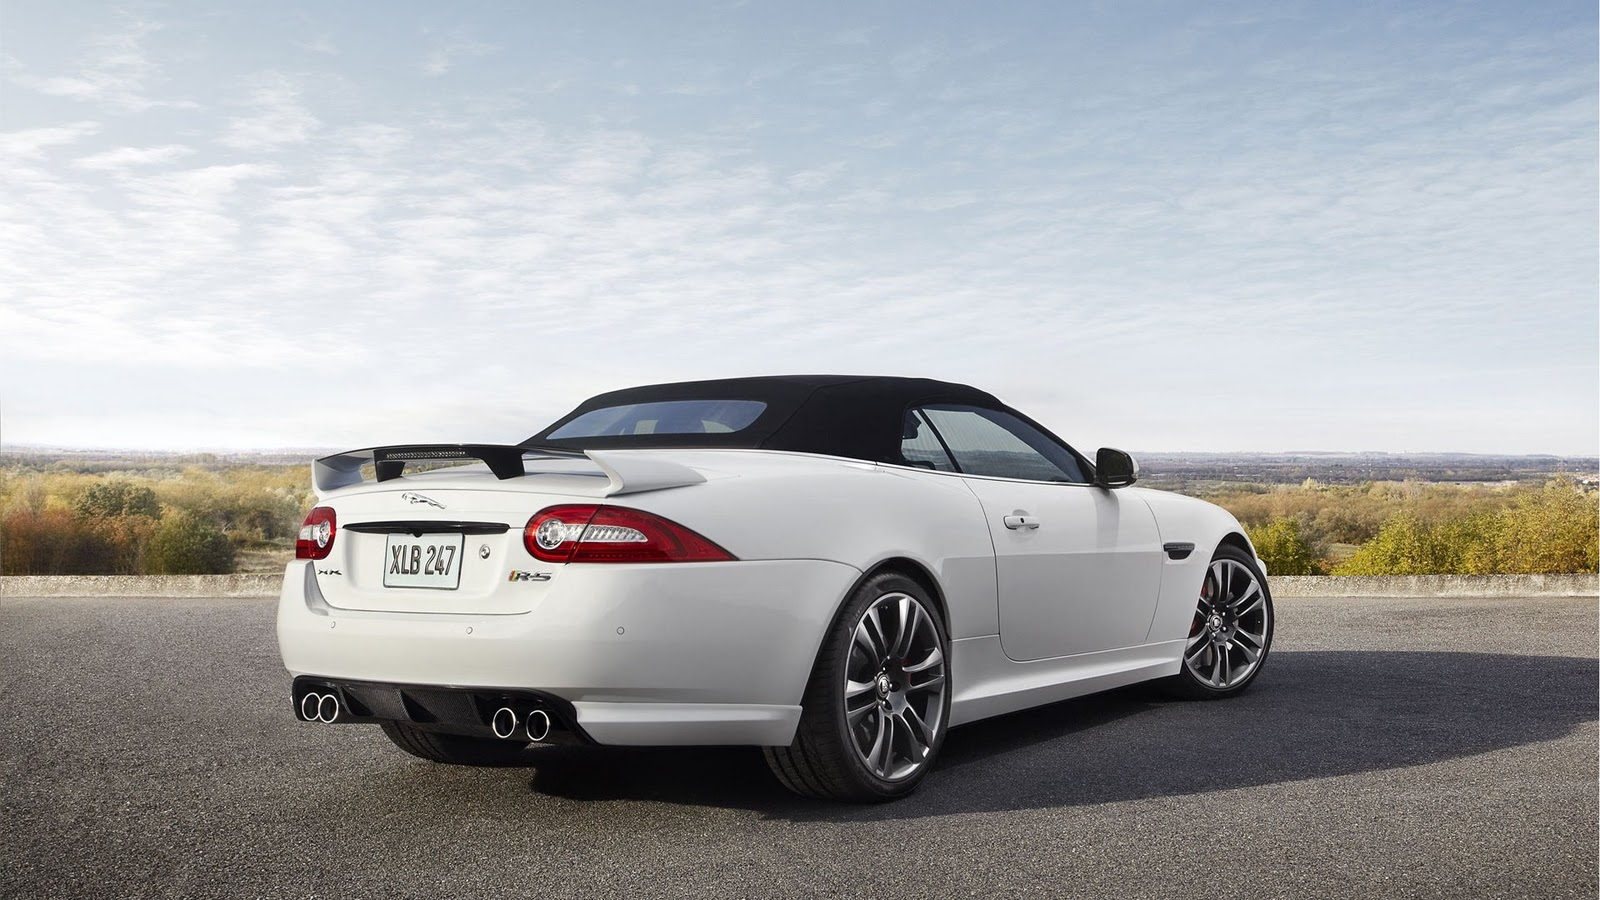 http://3.bp.blogspot.com/-SahMvzK8UCY/TsjYFpvaWaI/AAAAAAAAAe0/gENyluse1BM/s1600/2013+Jaguar+C-X16+18.jpg